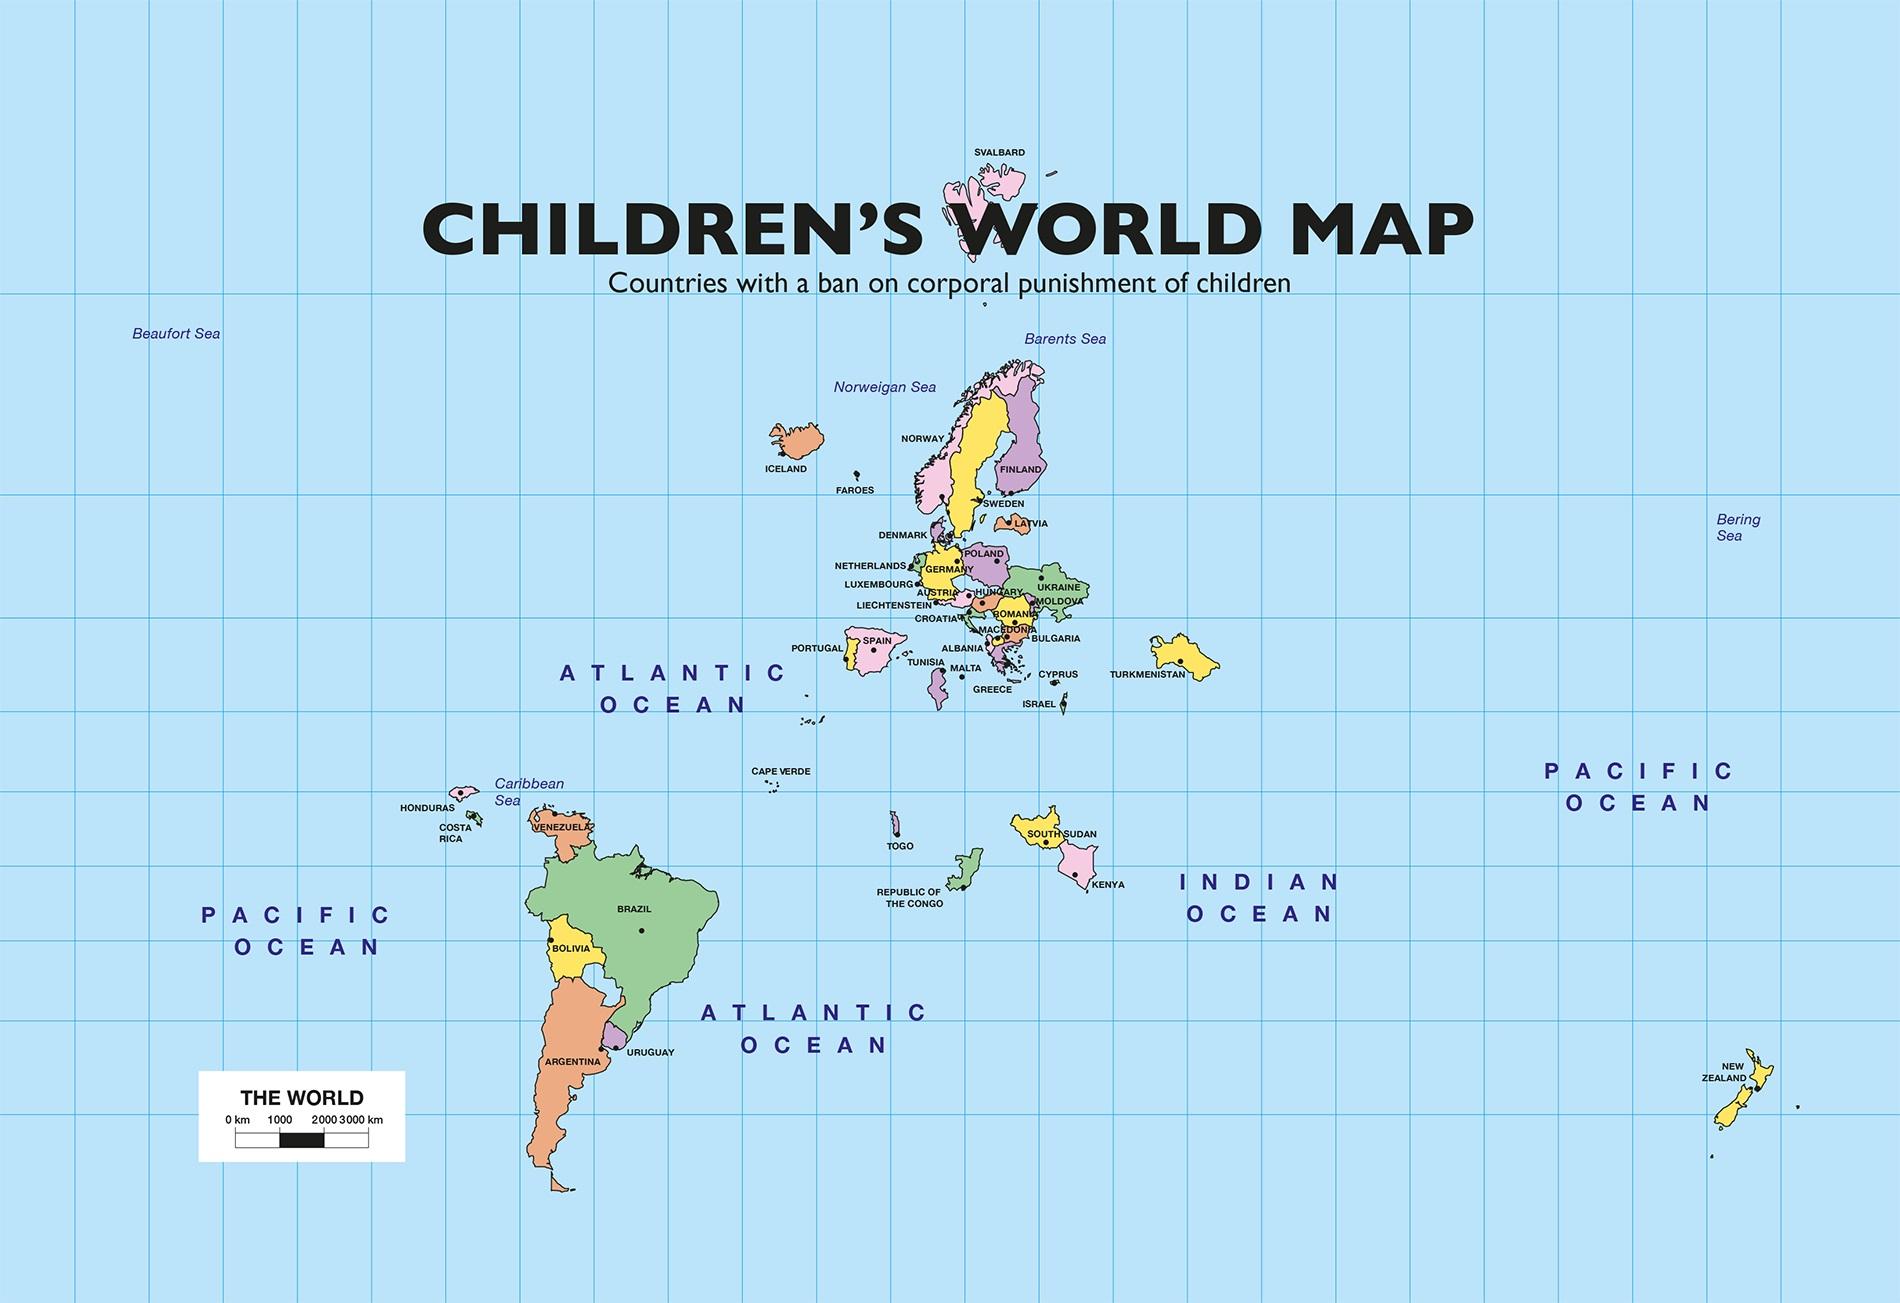 http://www.oveo.org/images/children_map_2014.jpg